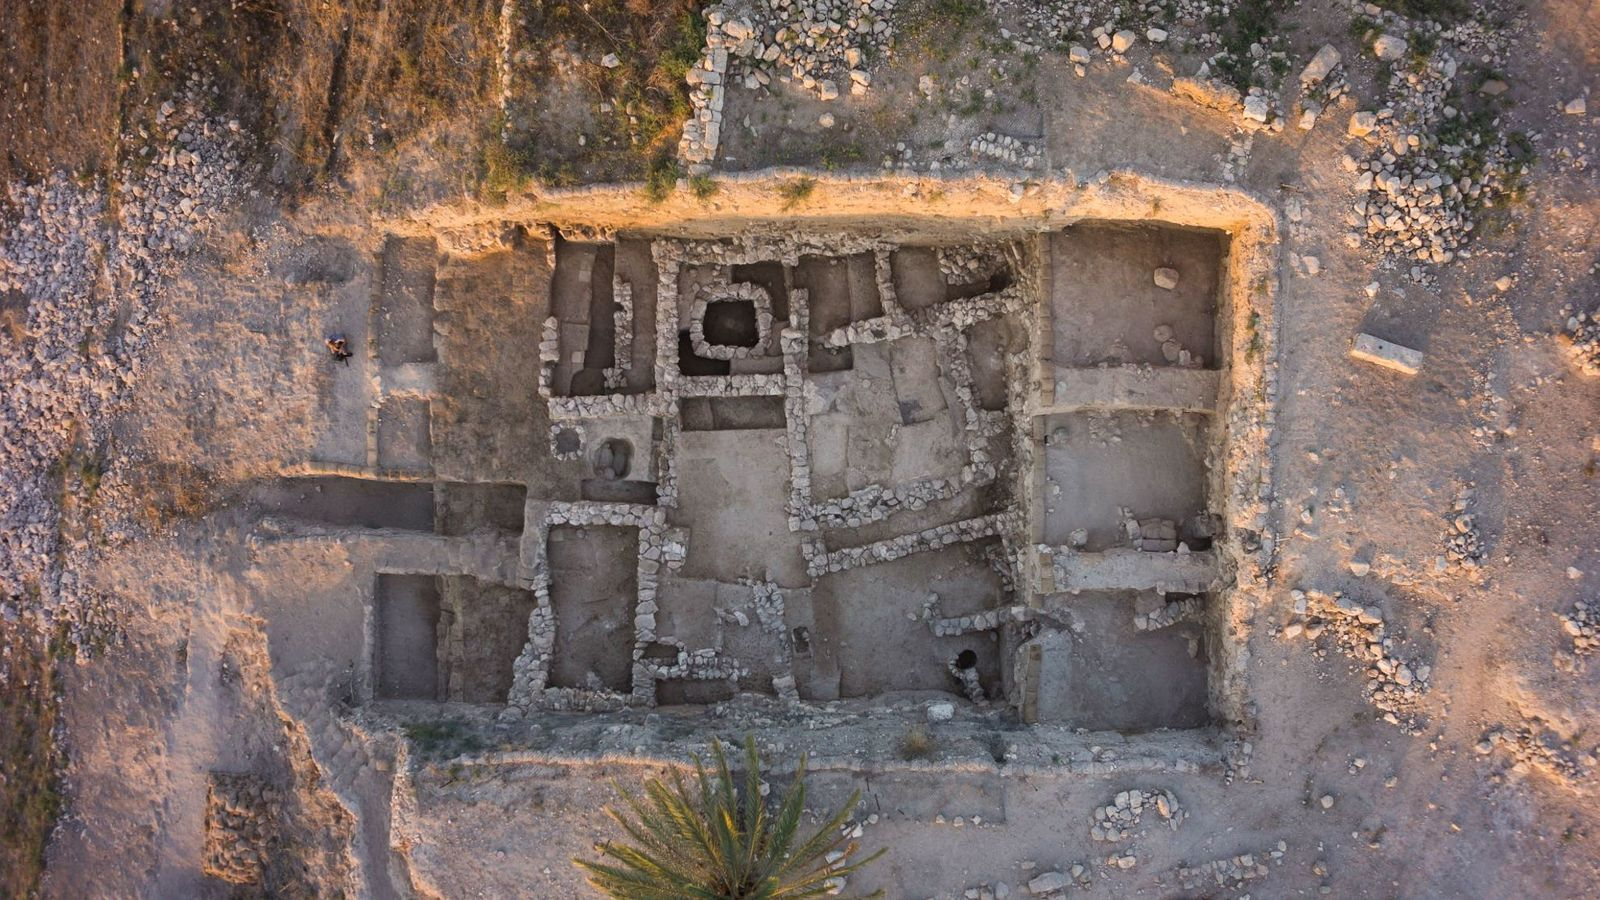 Tel Megiddo était une importante cité-Etat cananéenne pendant l'âge du bronze. De nouvelles analyses ADN révèle que la population de la ville comprenait des migrants des montagnes du Caucase.